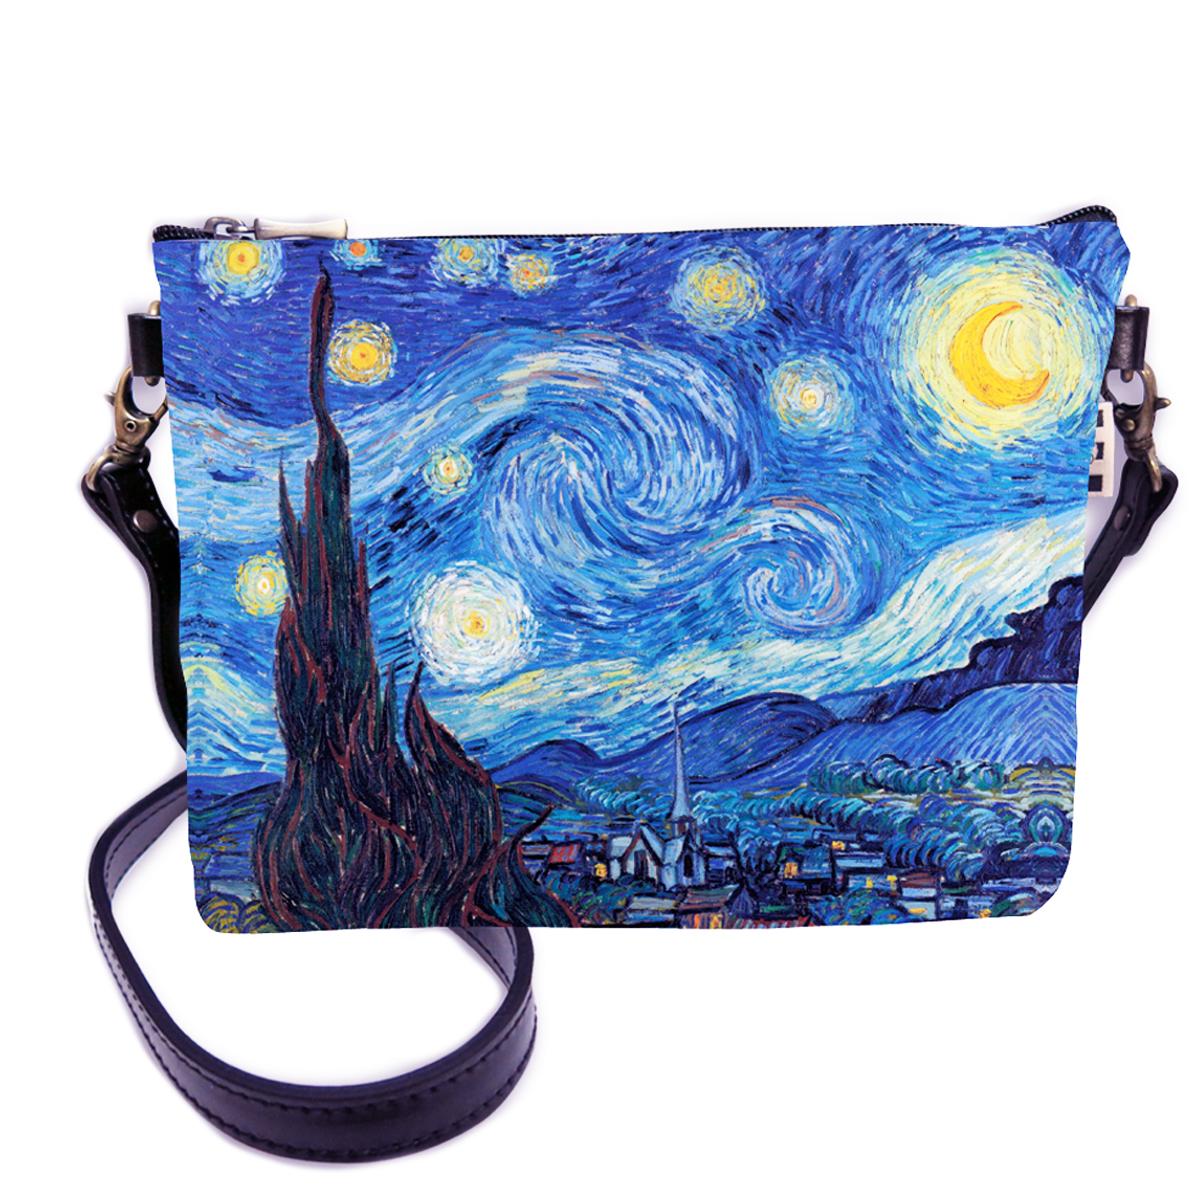 Sac bandoulière artisanal \'Vincent Van Gogh\' (Nuit Etoilée)  - 24x18 cm - [Q6666]